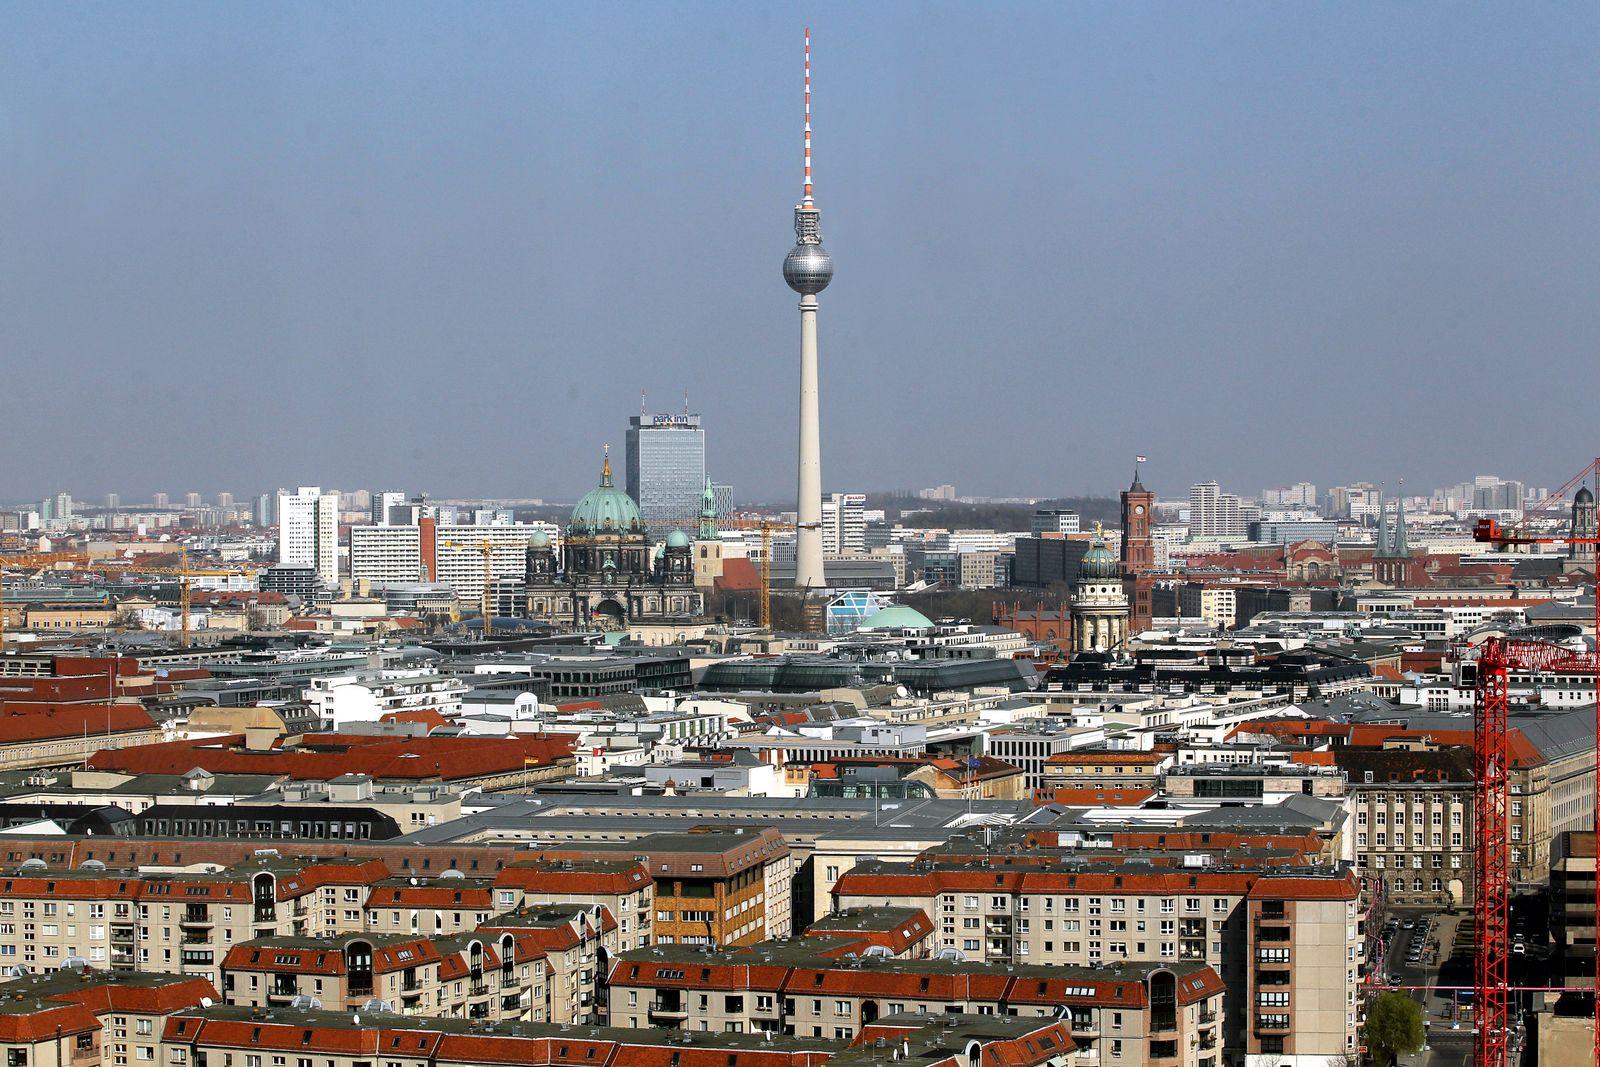 Fernsehturm am Alexanderplatz / Berlin